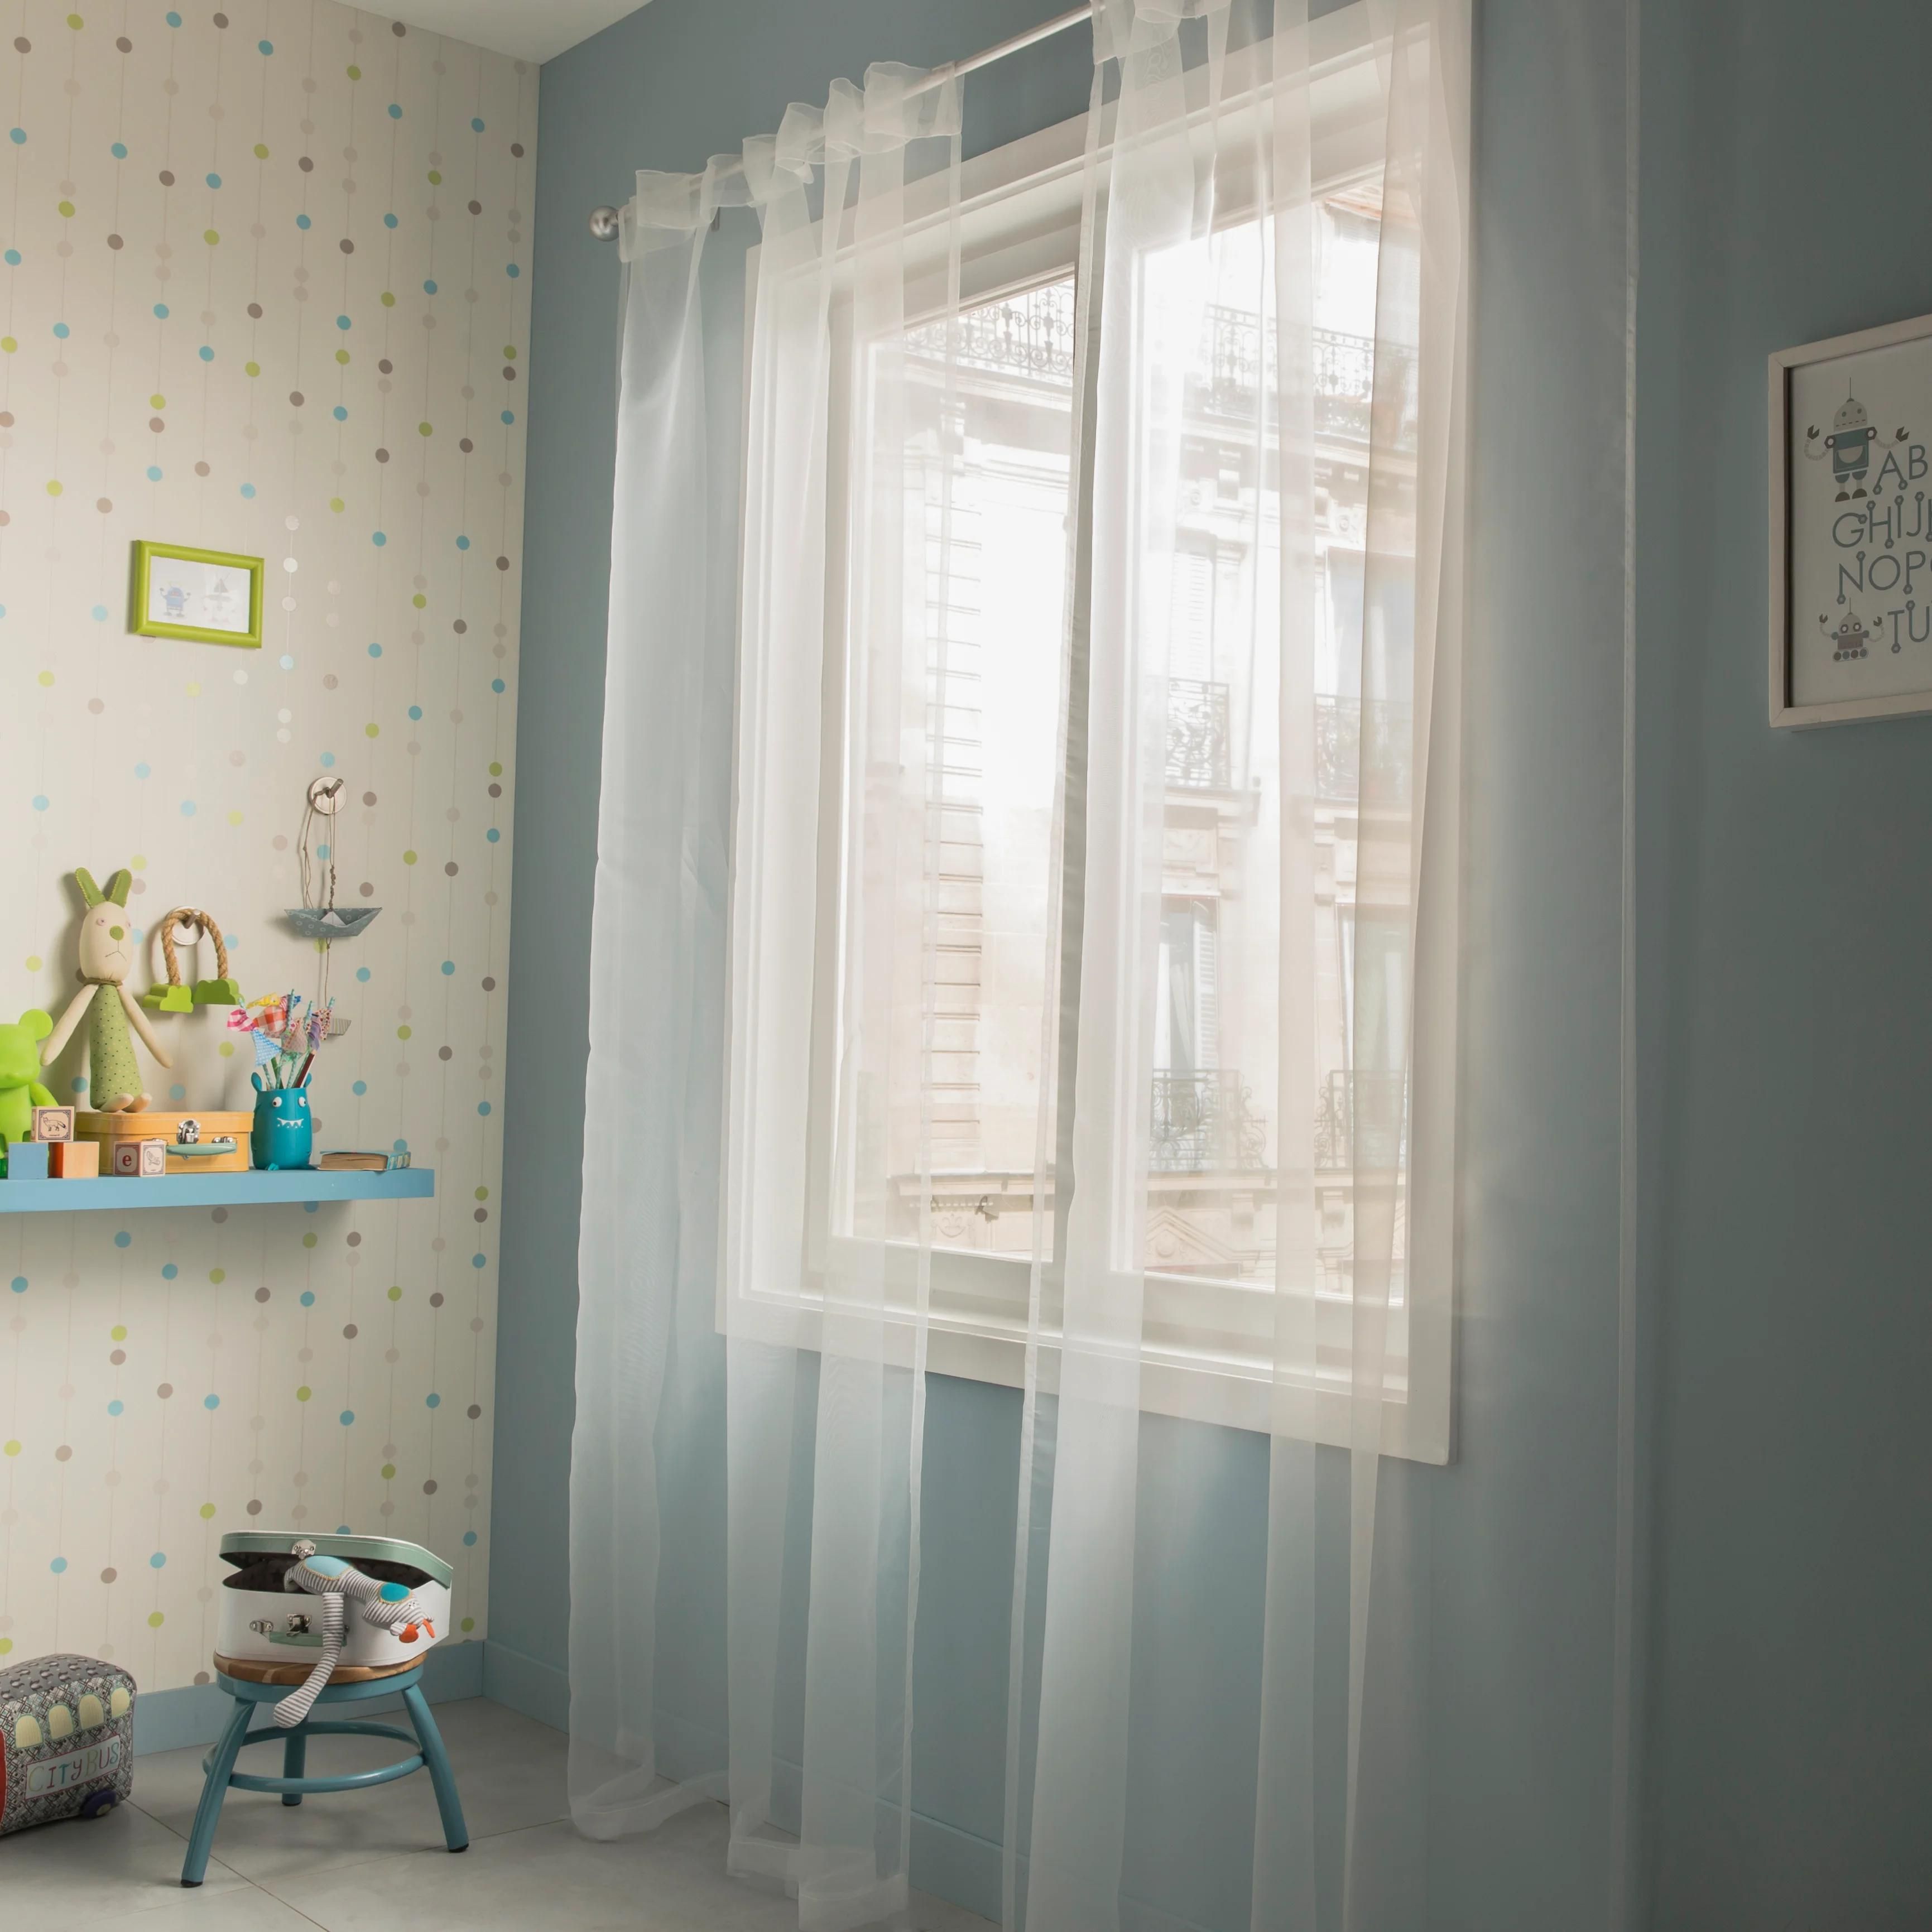 des rideaux pour une chambre d enfant